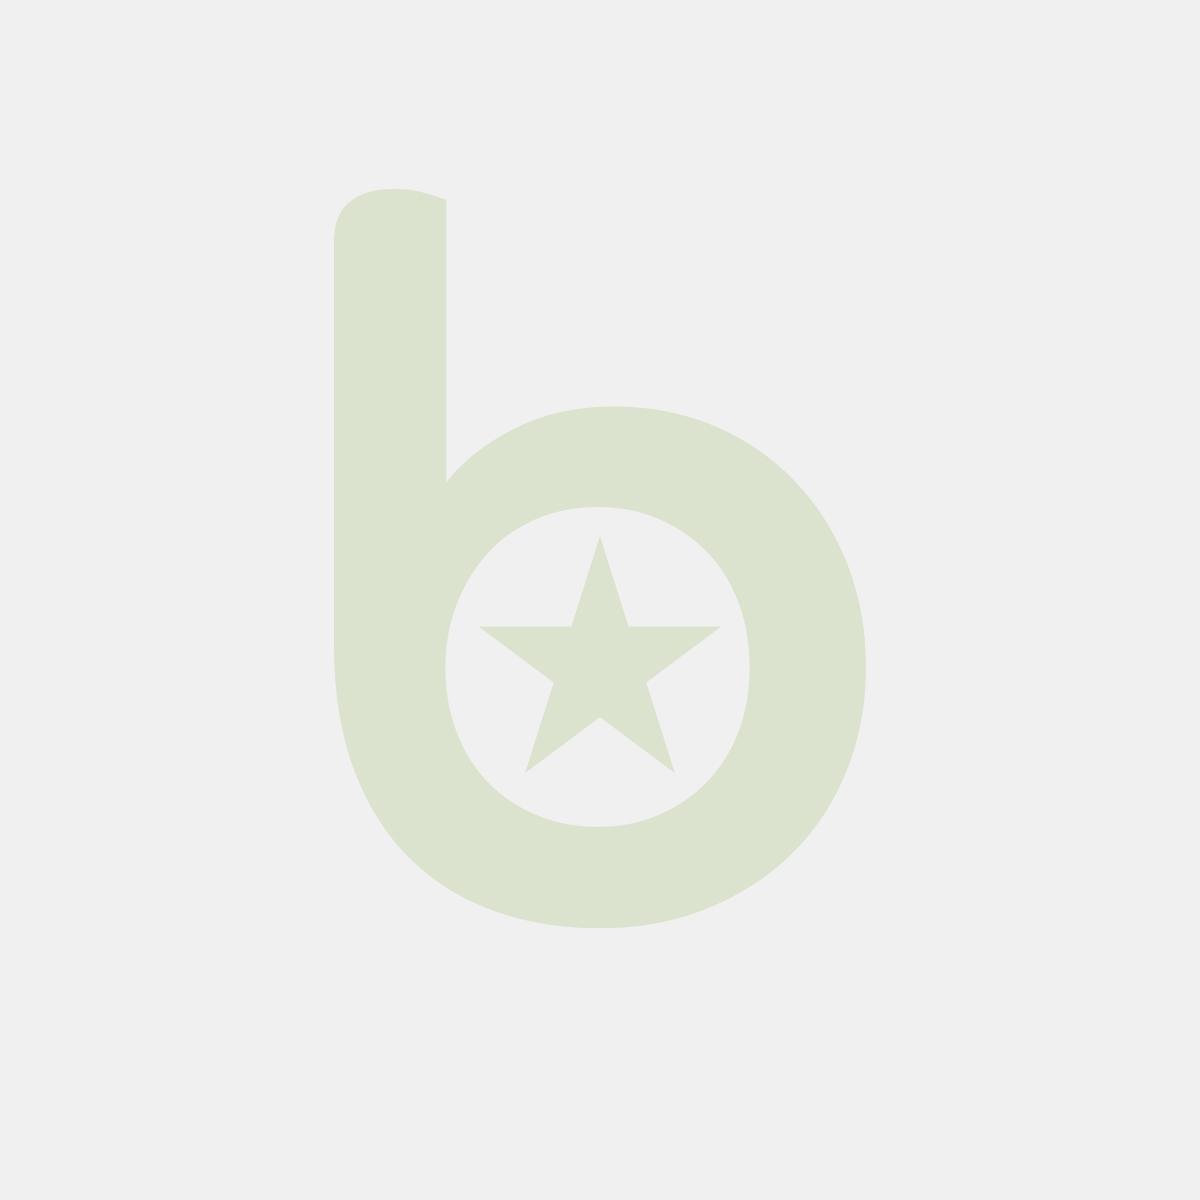 Bieżnik PAPSTAR Royal Collection w rolce 24m/40cm c.niebie bibuła